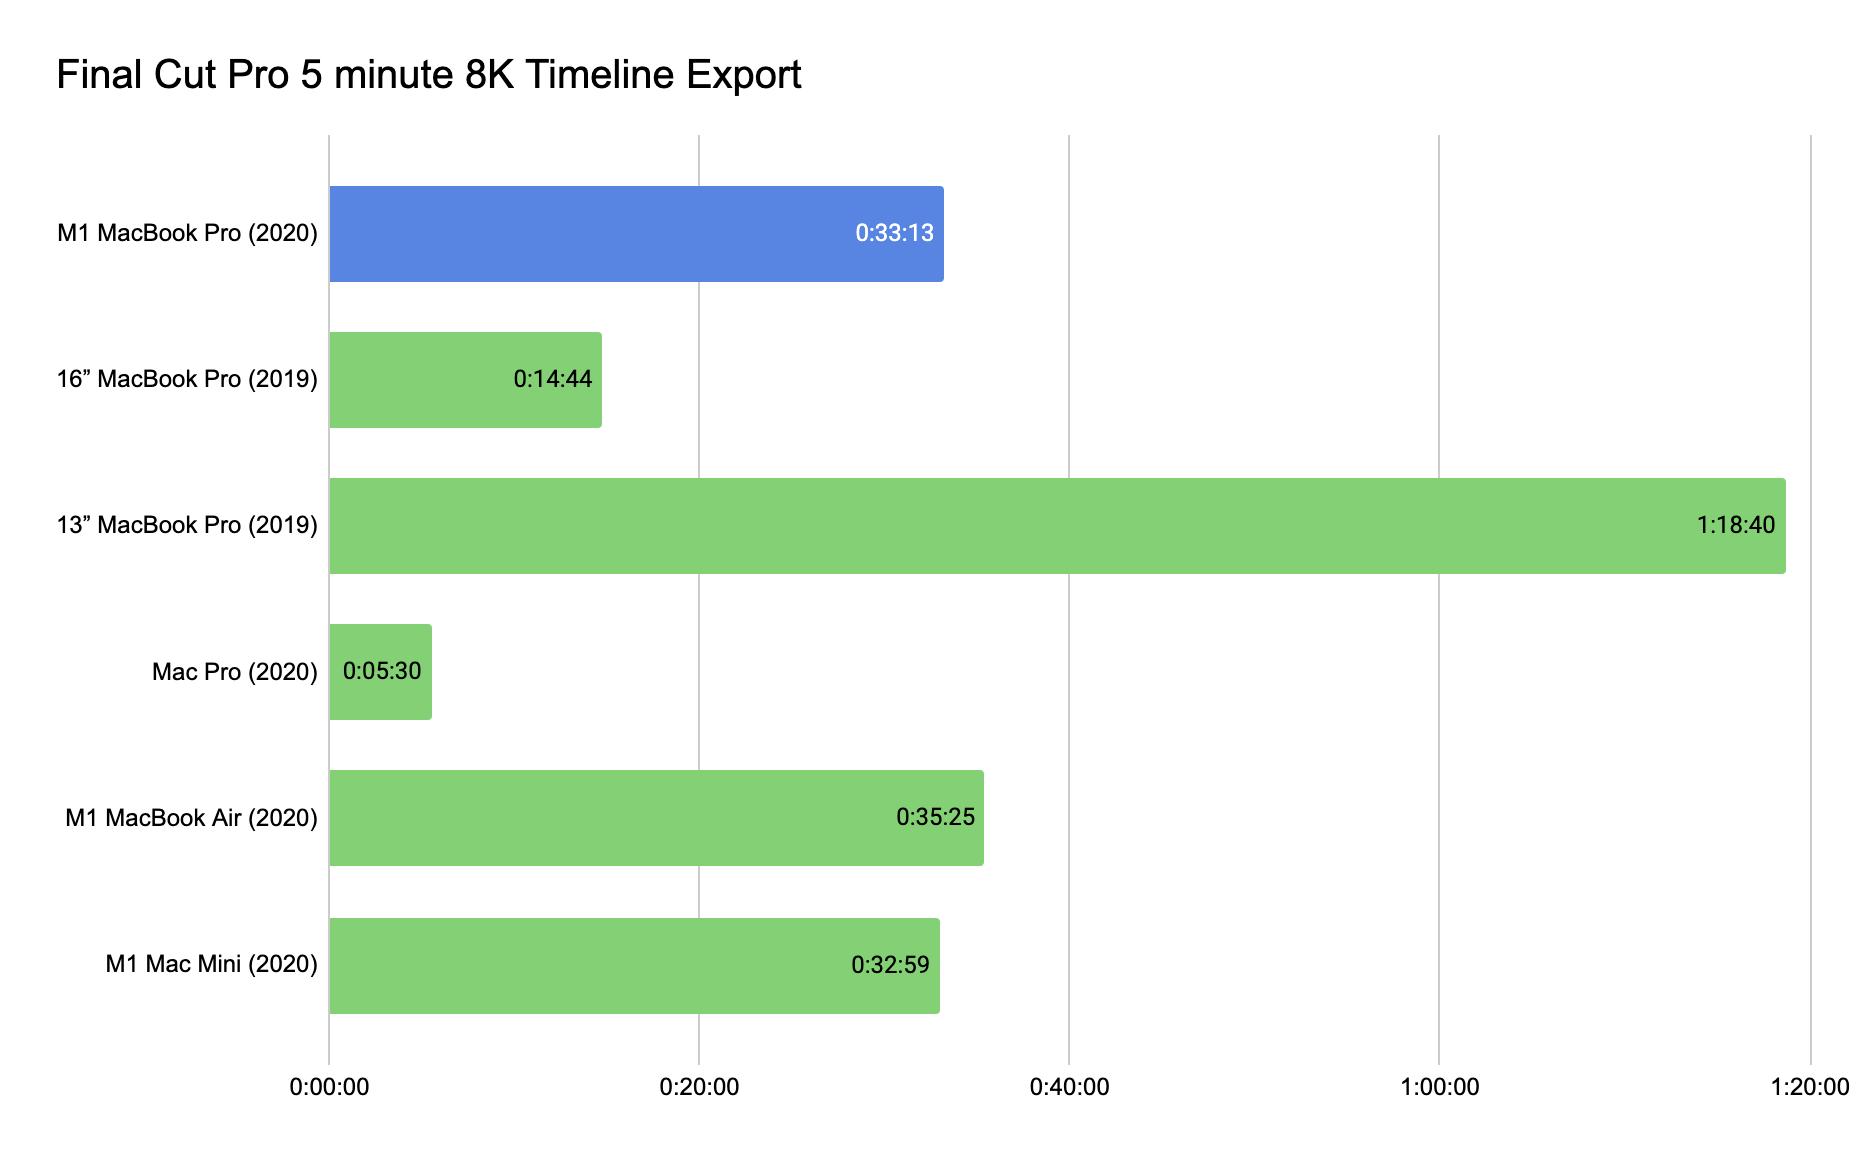 Final Cut Pro 5 minute 8K Timeline